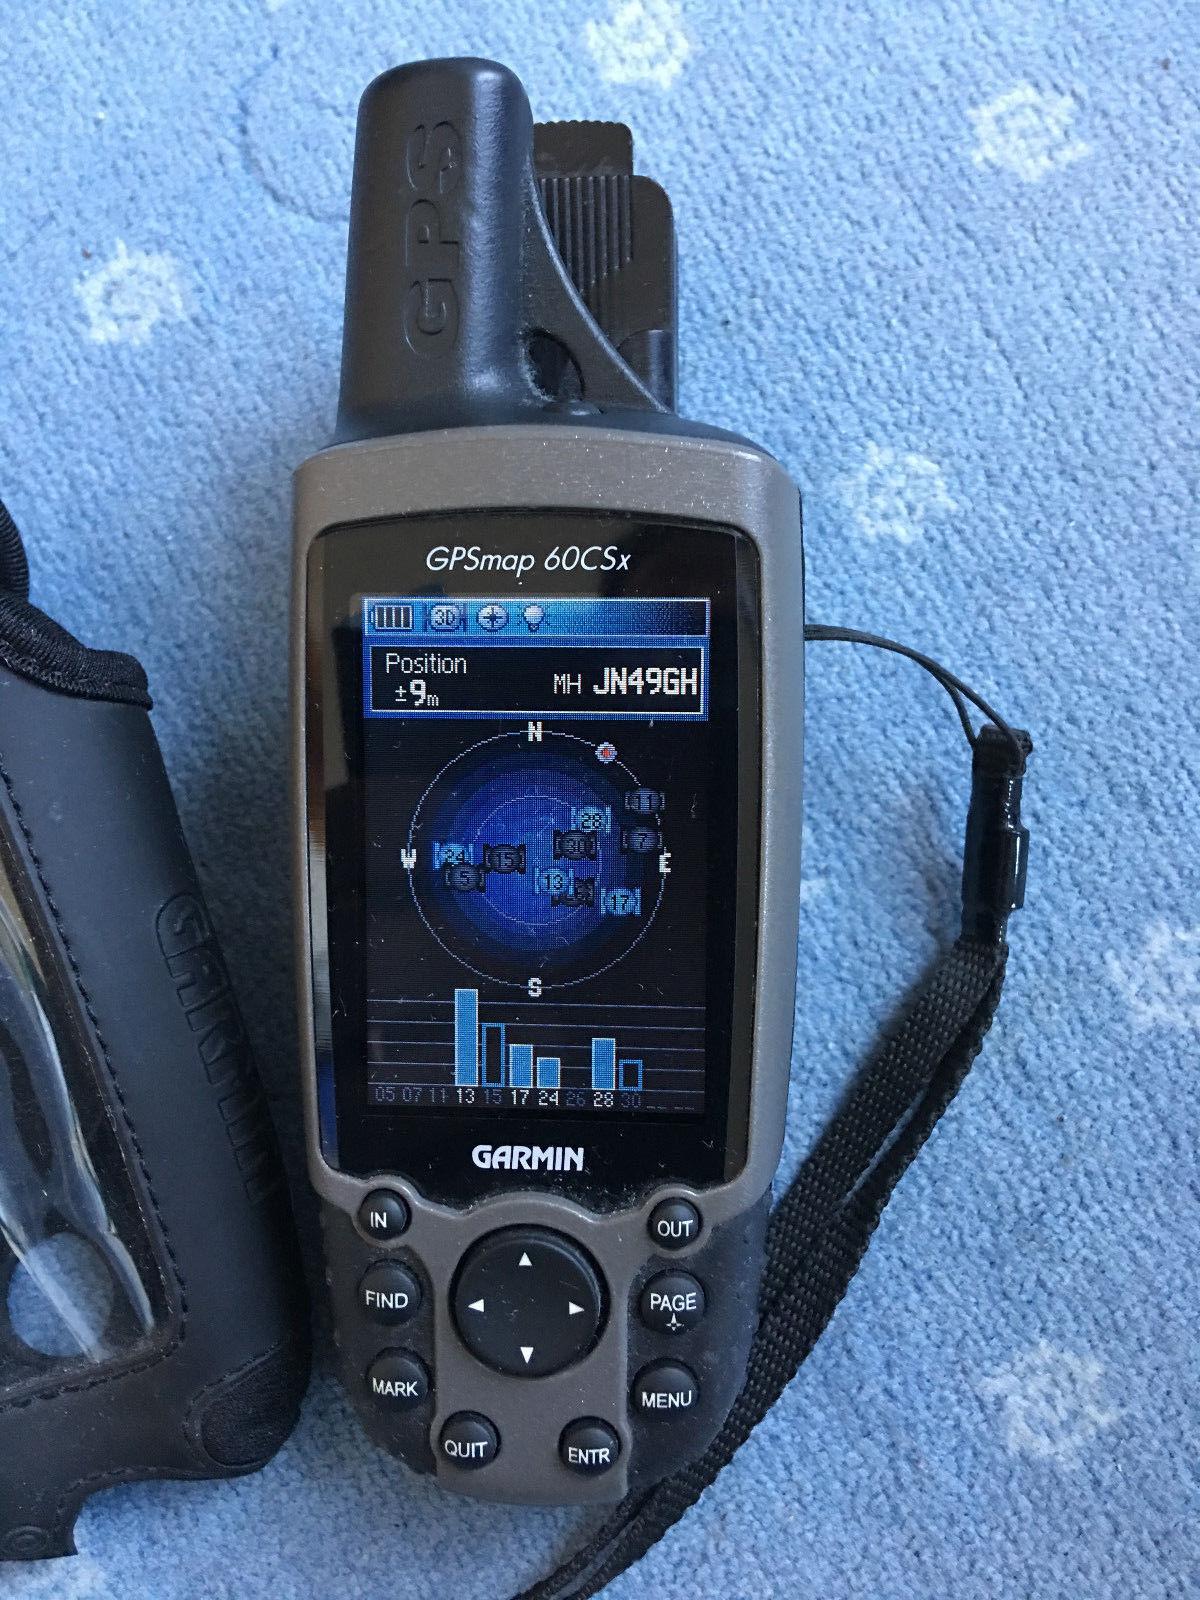 Garmin GPSmap 60 CSx